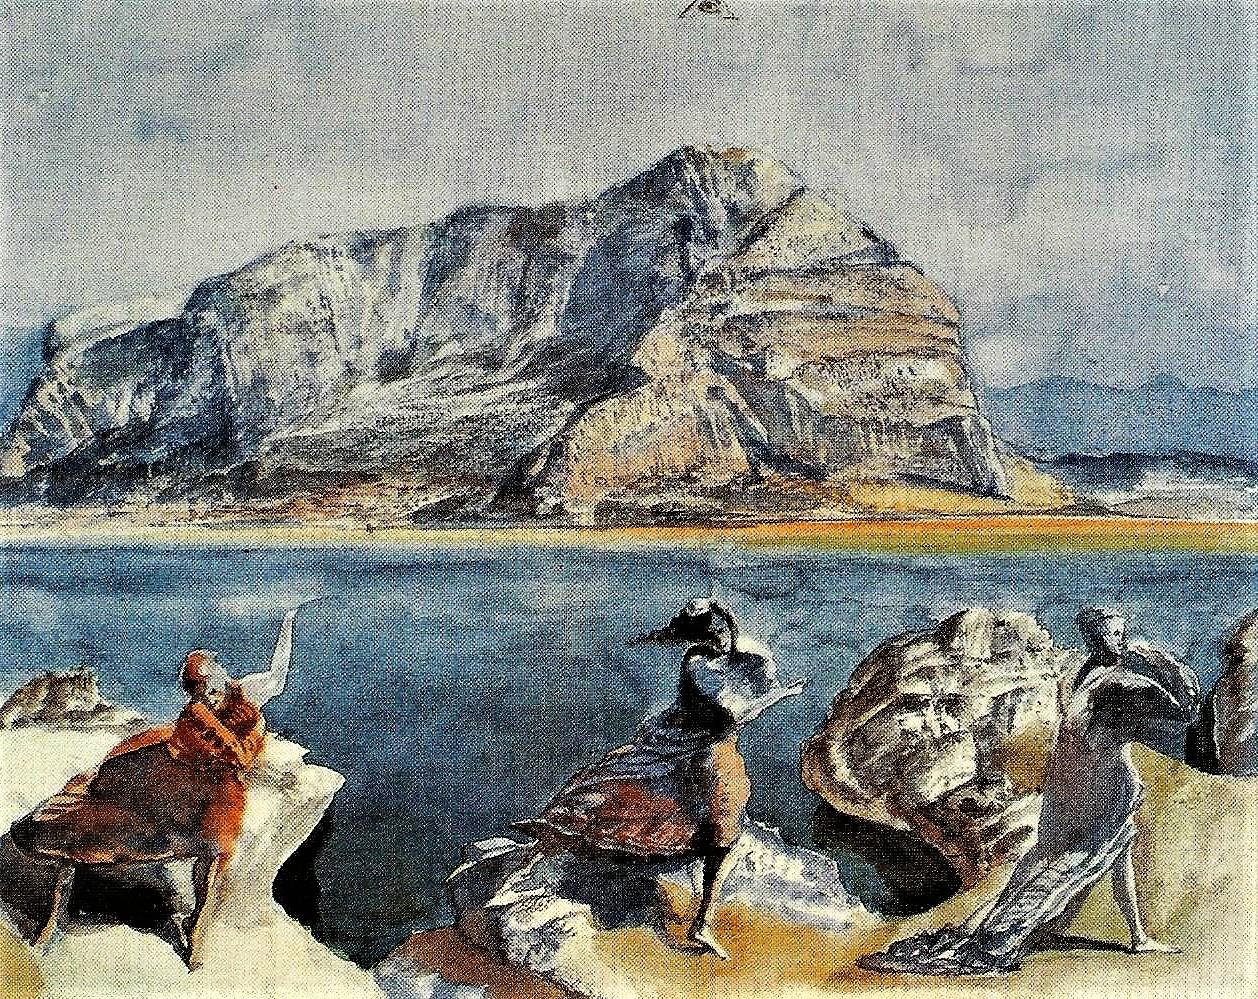 Werner Tübke: Monte Pellegrini mit drei weiblichen Figuren, 1978